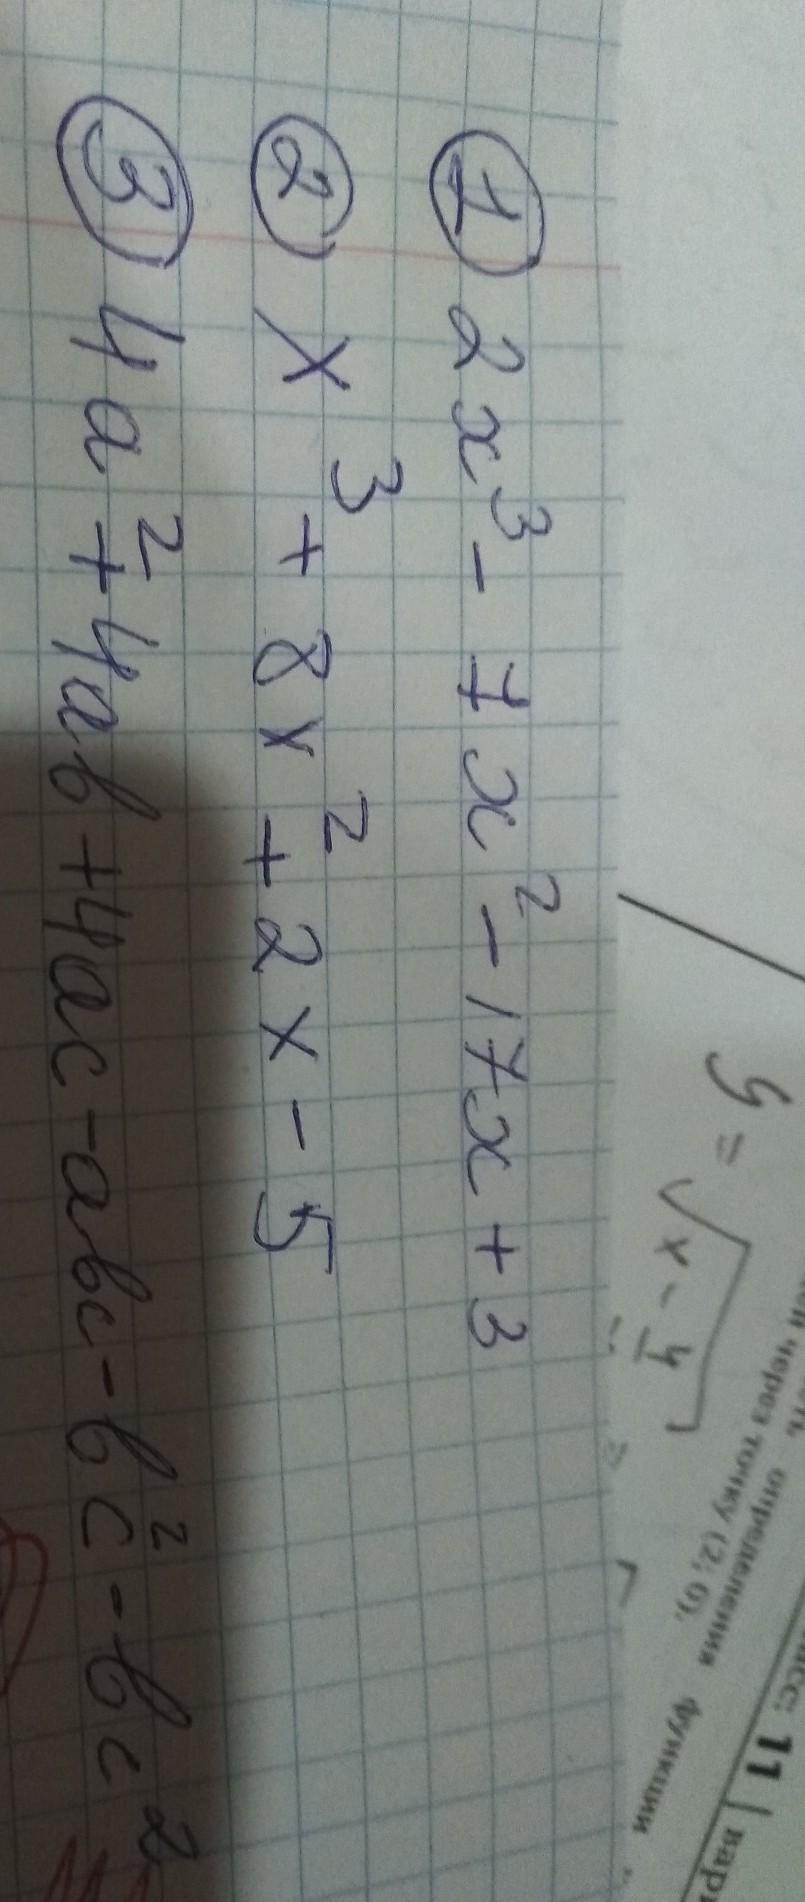 Упростите выражение  а) (2x-3)(x^2+5x-1)=